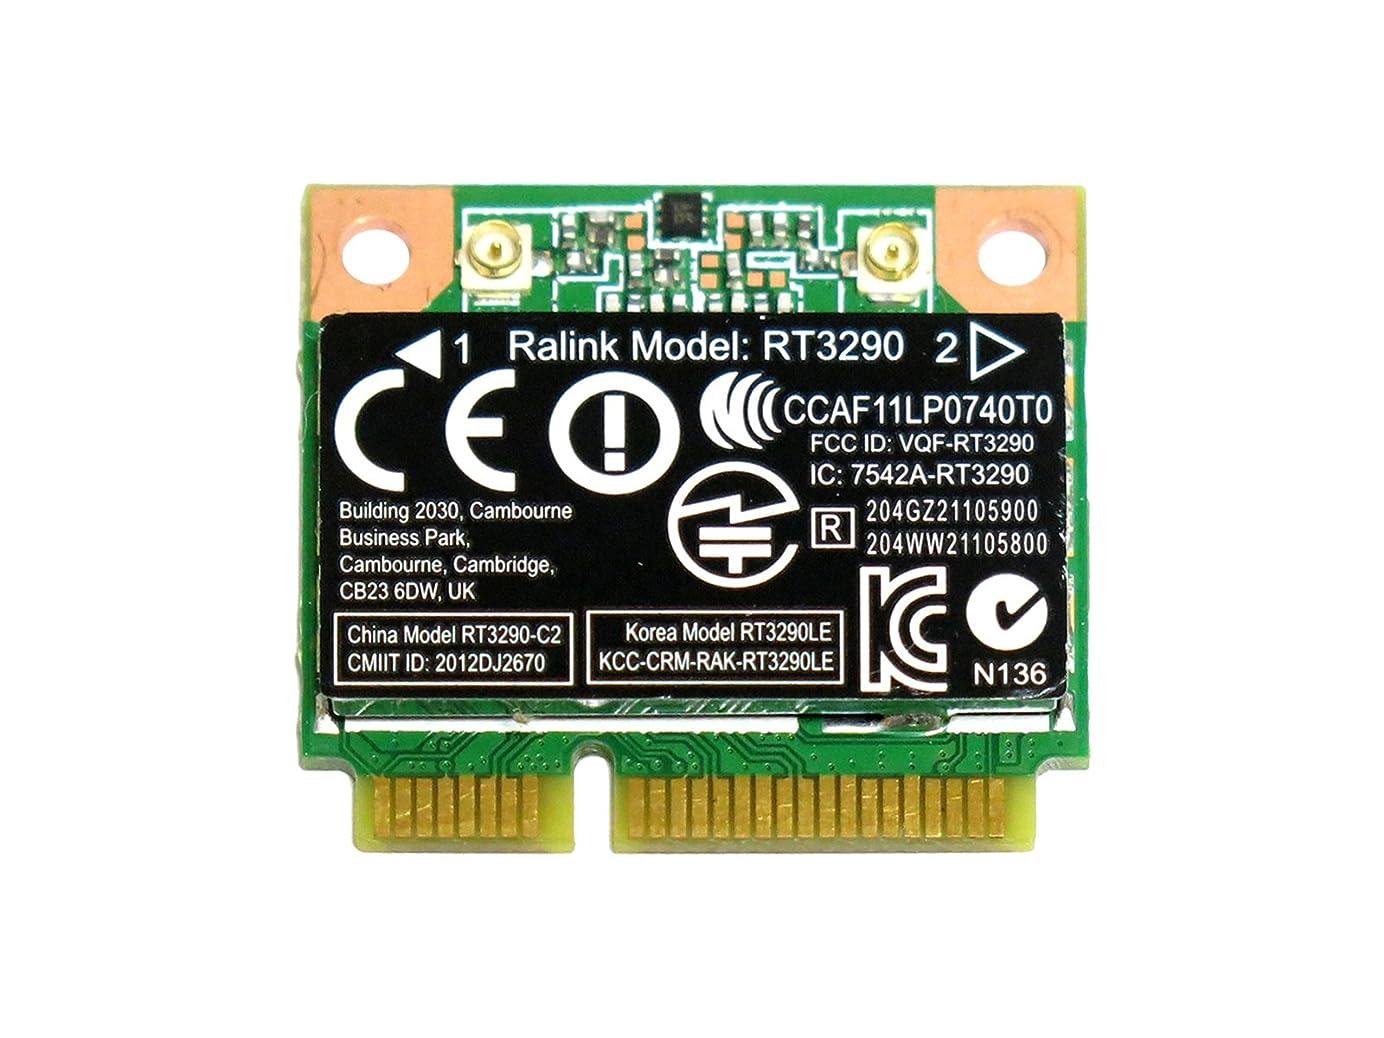 ファンシー符号クライストチャーチHP純正 690020-001 + 汎用 Ralink RT3290 RT3290LE 802.11b/g/n +Bluetooth 4.0 PCIe mini half 無線LANカード for HP ProBook 4340s/4341s/4440s/4441s/4445s/4446s/4540s/4740s, DV4-5000, DV6-7000, DV7-7000